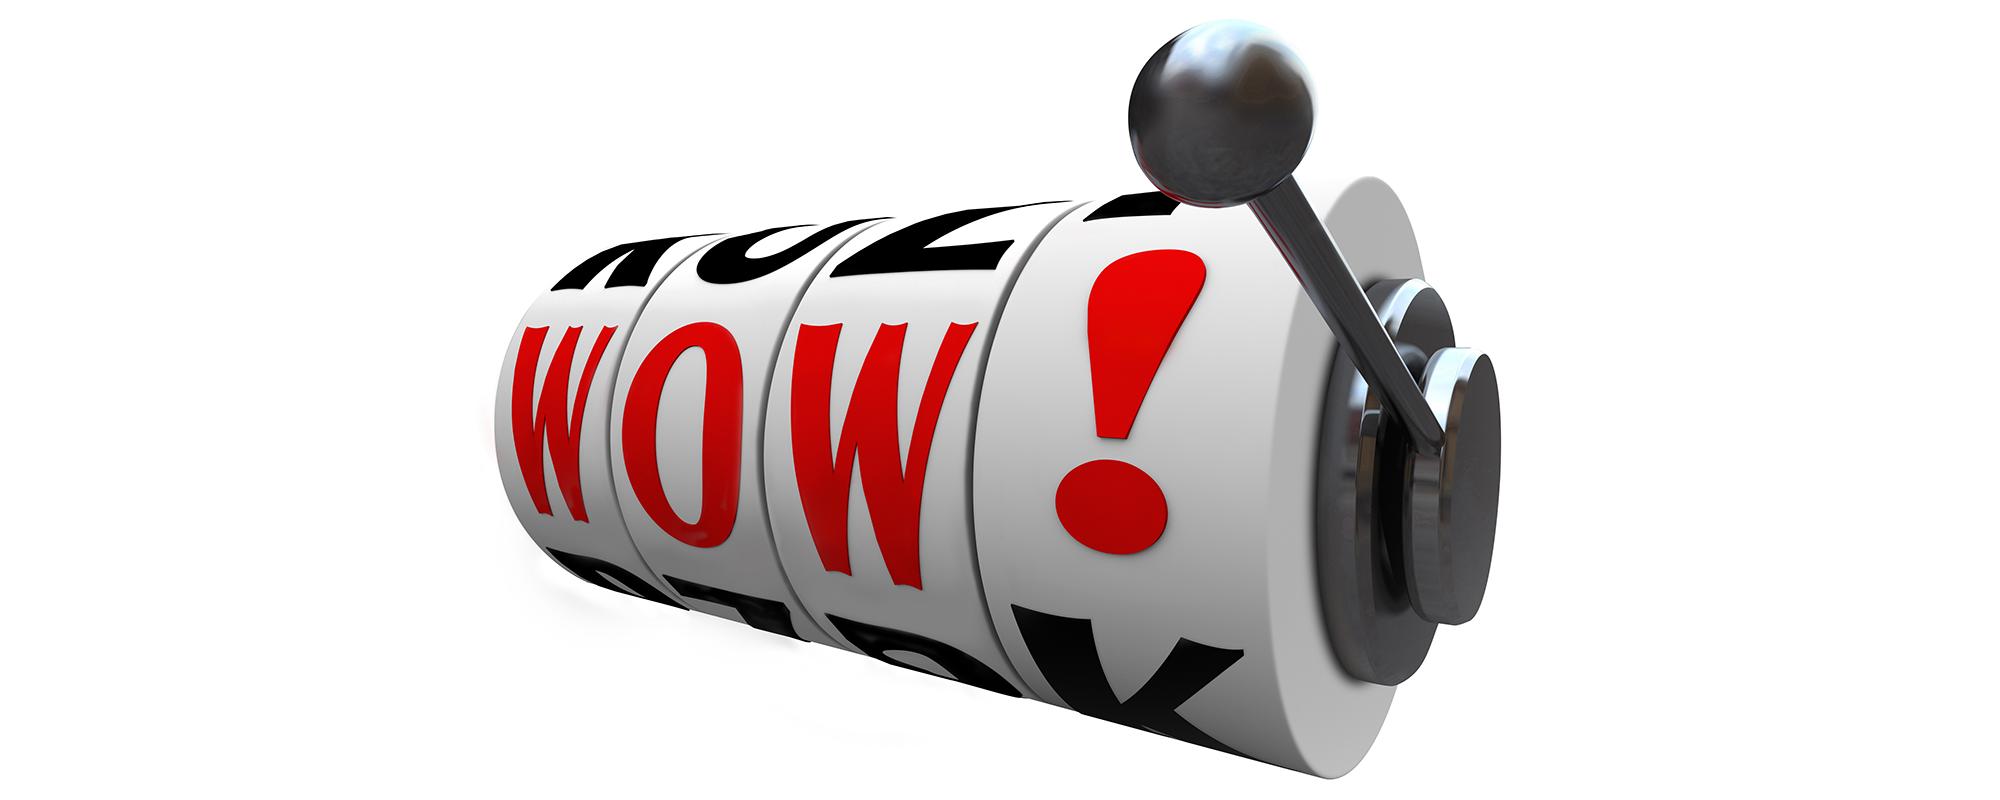 אנו מנהלים שינוי אפקטיבי בהתאמה לעידן הניהולי החדש וצרכיו, באופן ערני ויישומי. כזה שהוא מכוון תוצאות ושפור ביצועים לטווח קצר וארוך